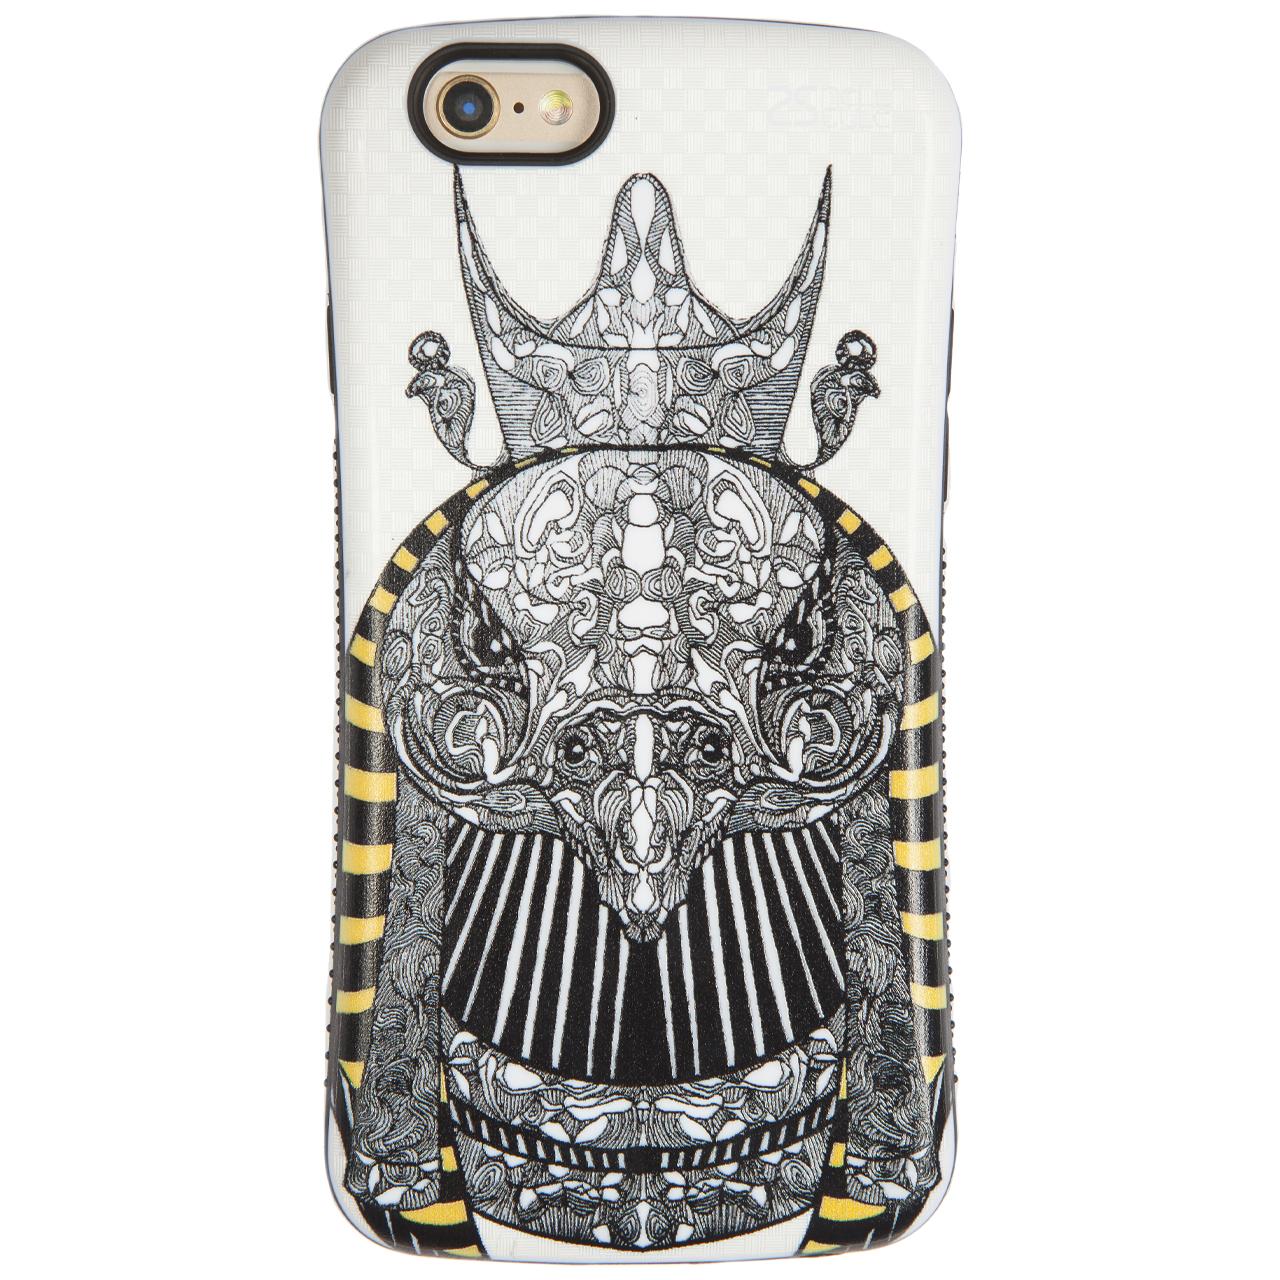 کاور طرح King Owl مناسب برای گوشی موبایل اپل iPhone 6 Plus/6S Plus